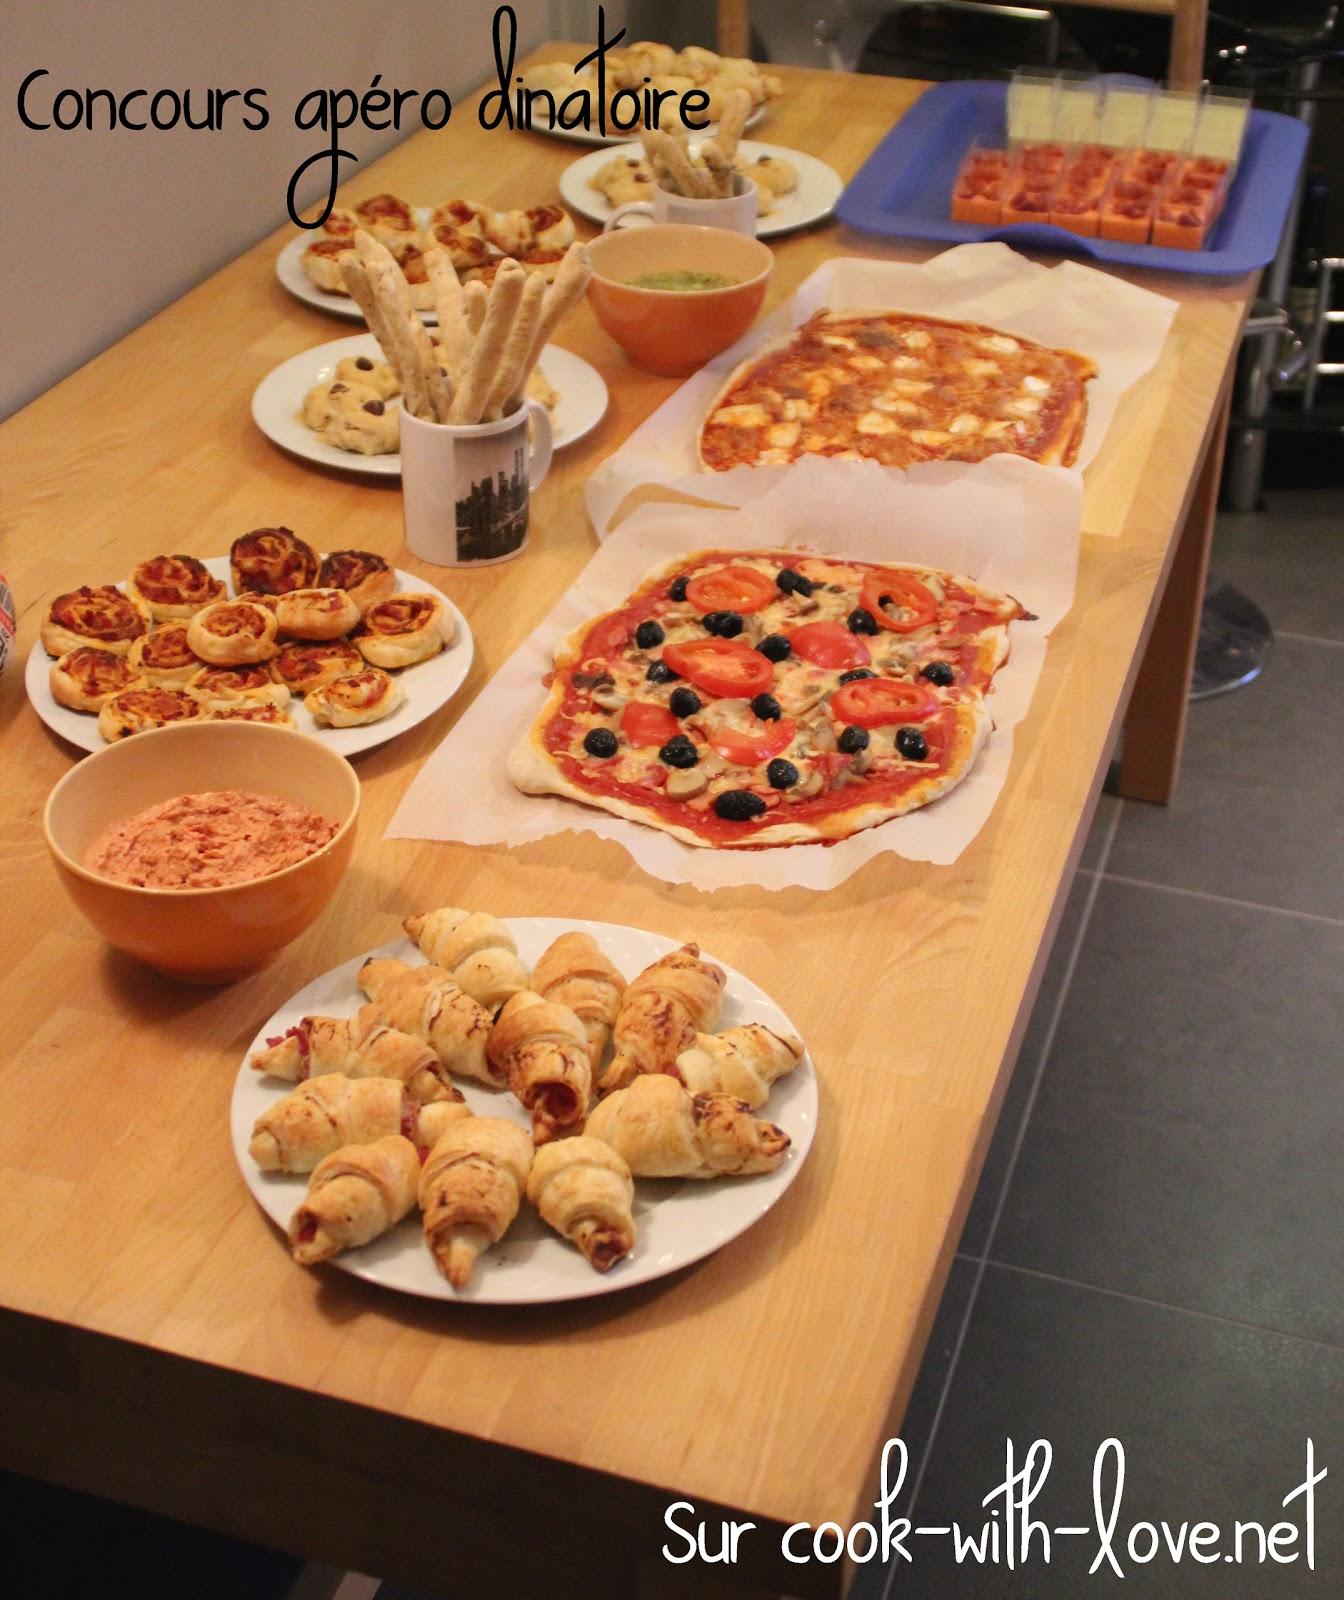 Concours apero dinatoire participations et resultats cook with love - Apero dinatoire pour 20 personnes ...